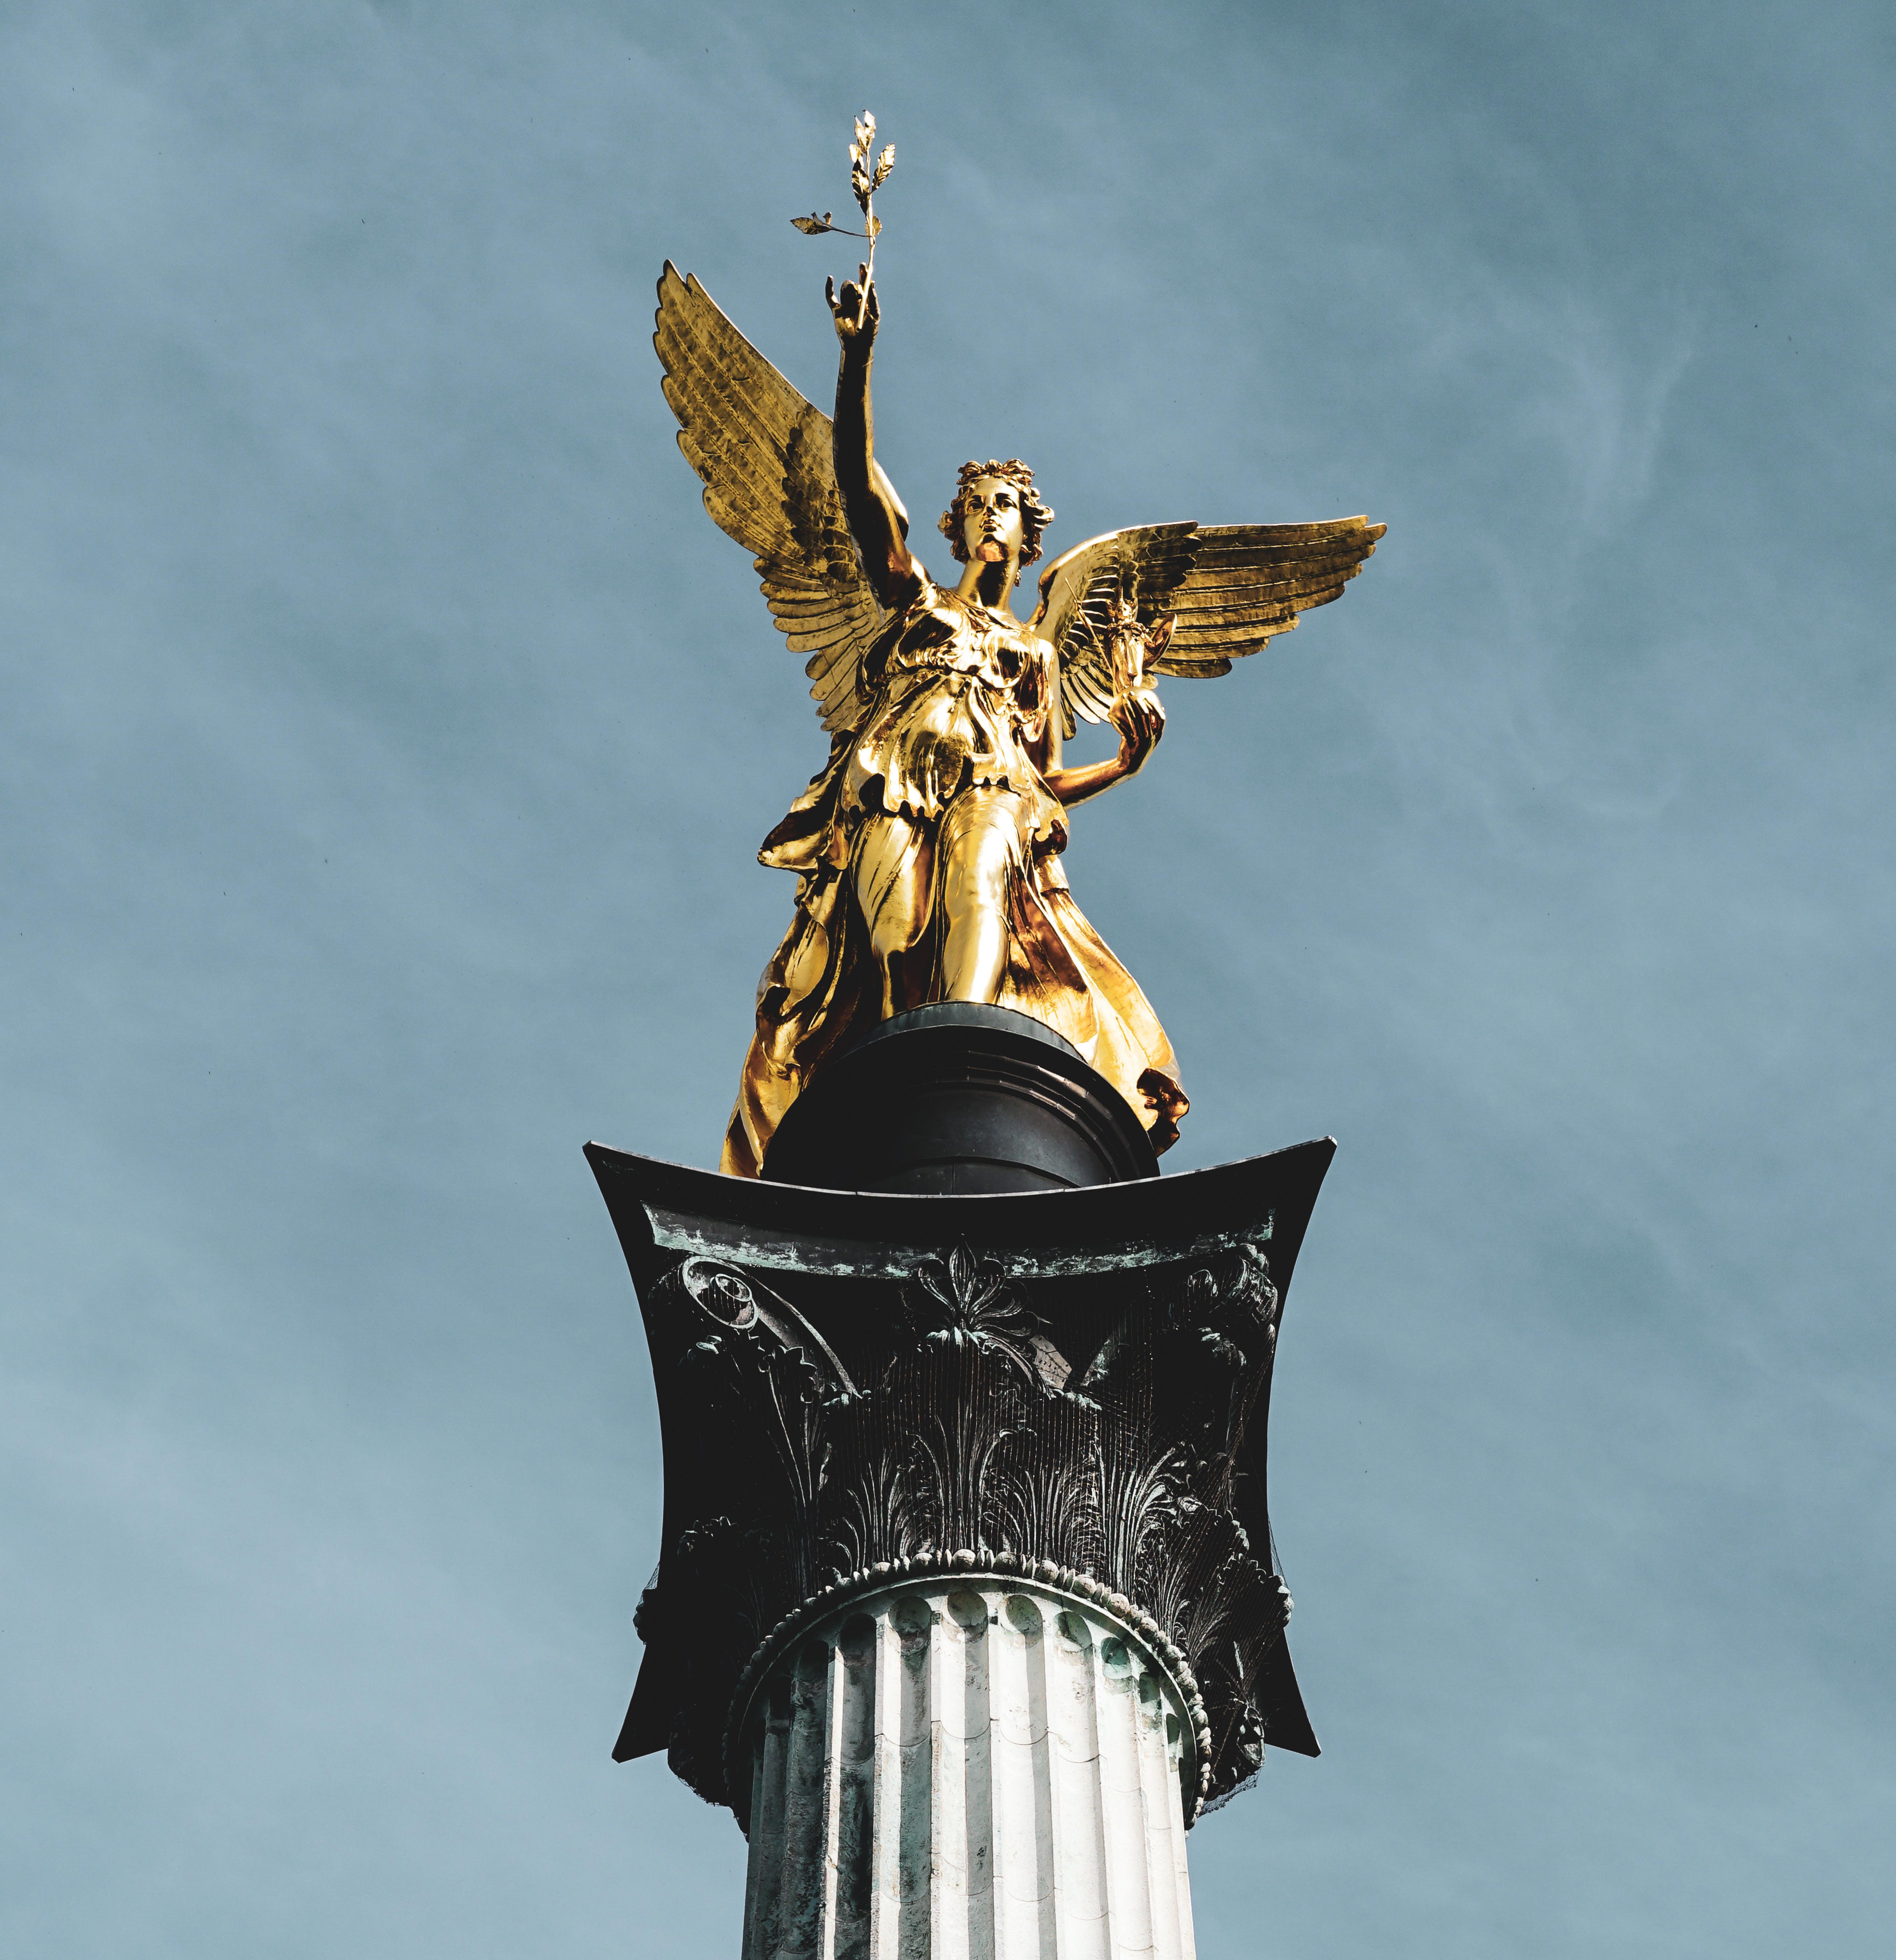 Fotos de stock gratuitas de angel de la paz, antiguo, Arte, dorado